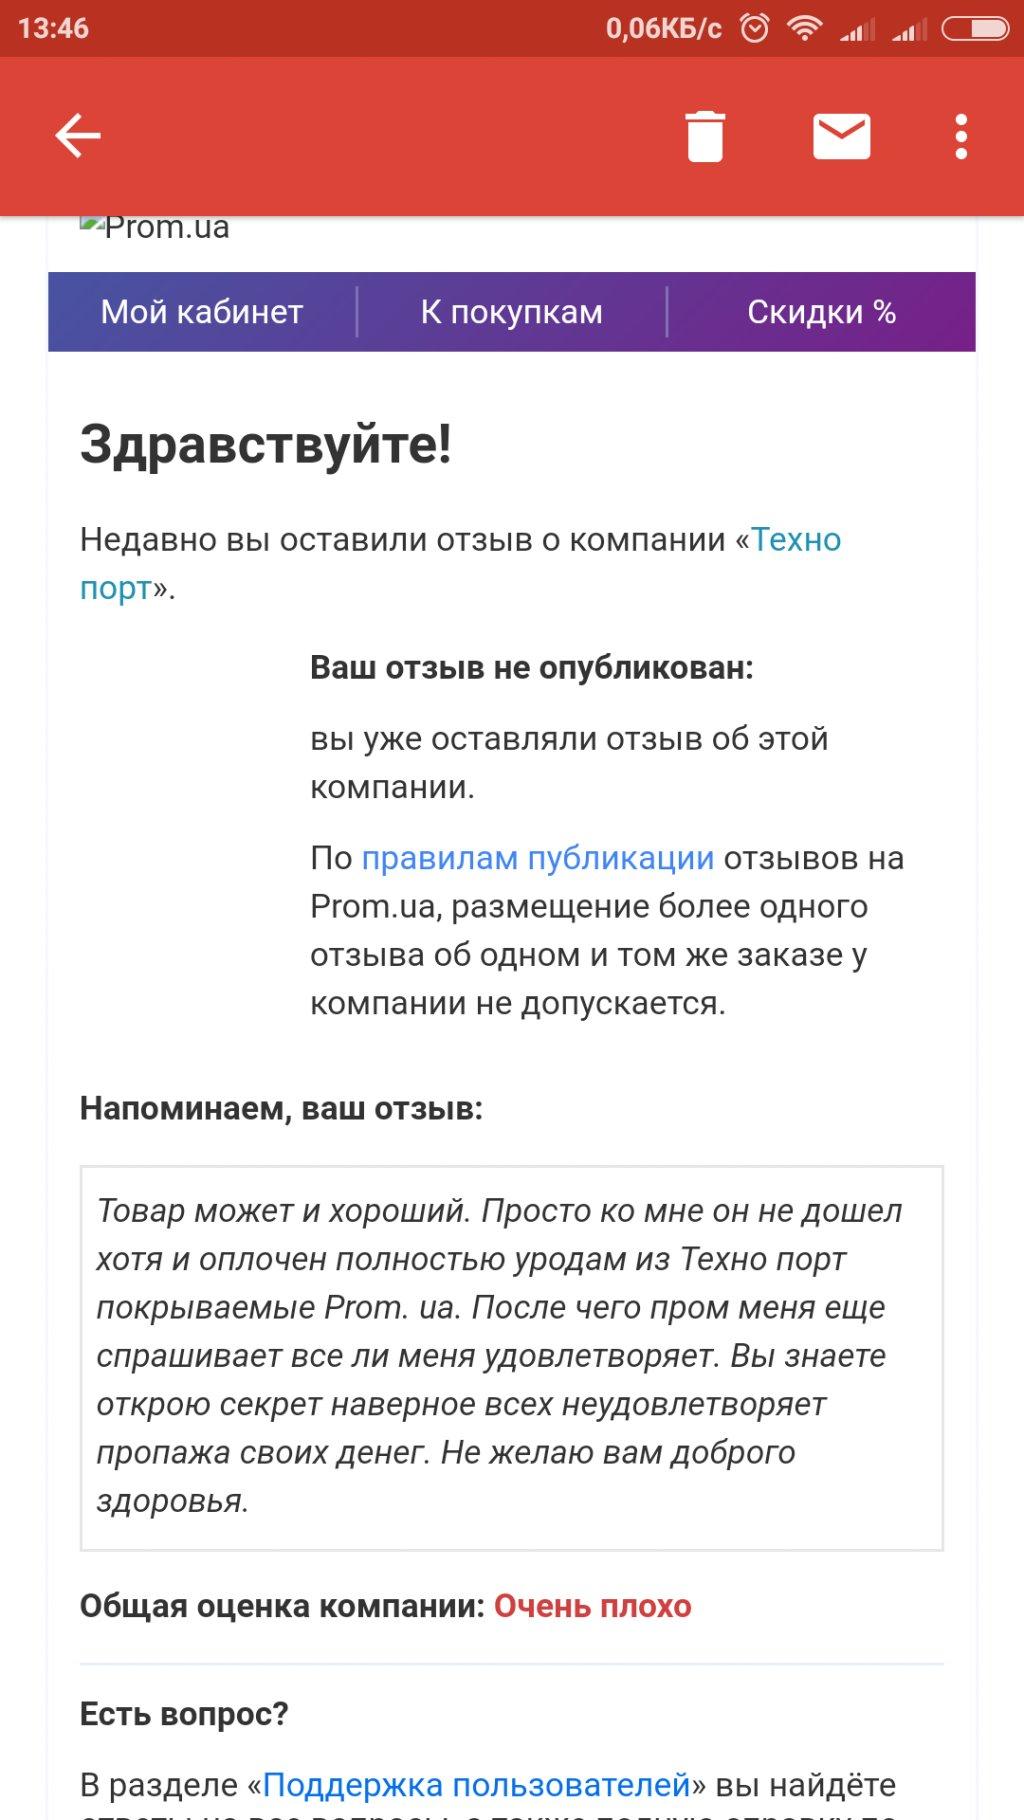 Prom.ua - нечесно работают